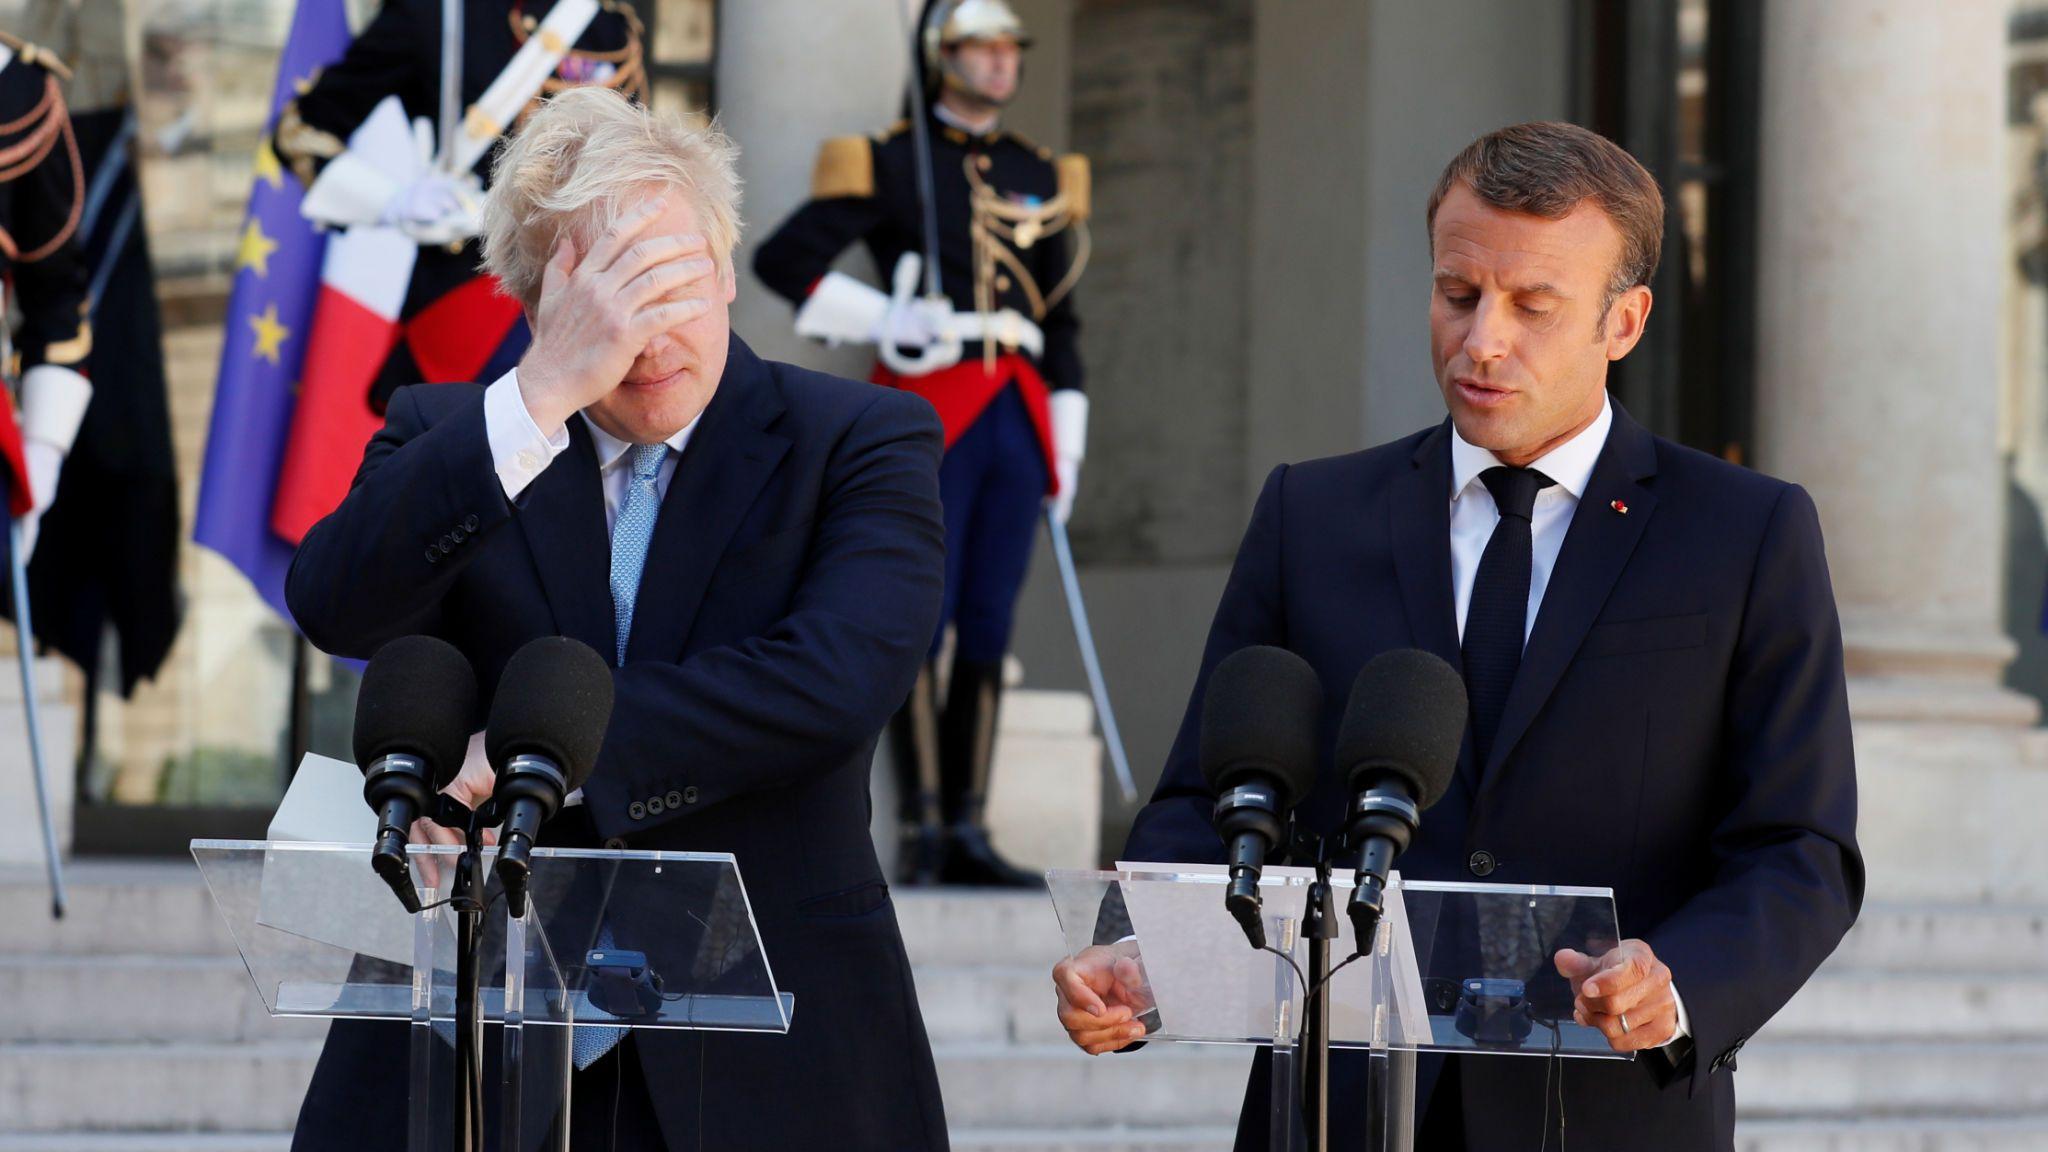 Brexit: Emmanuel Macron le dice a Boris Johnson que no habrá un nuevo acuerdo en los próximos 30 días